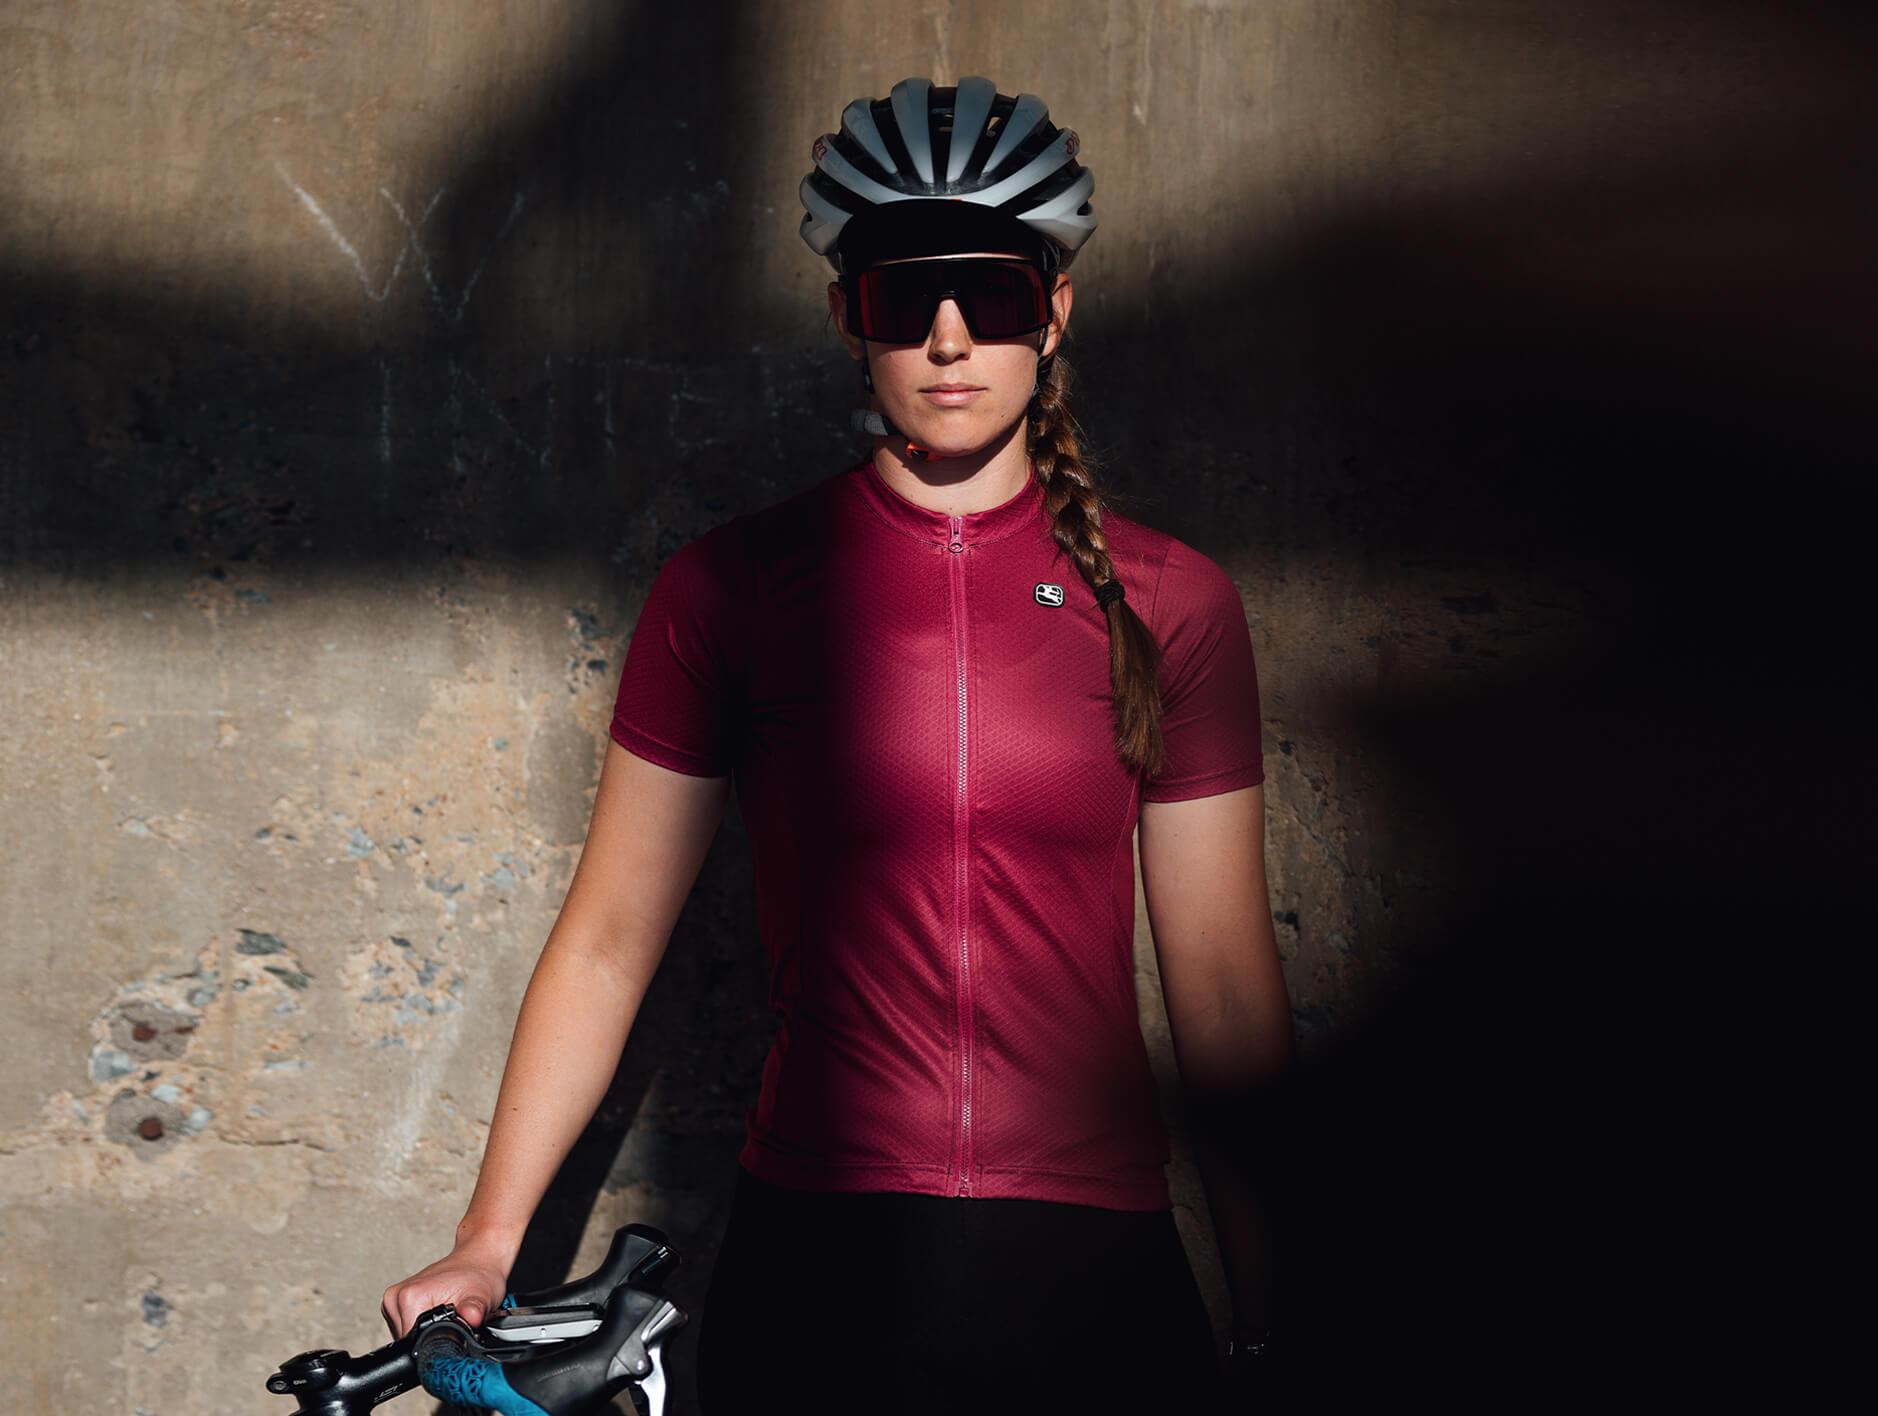 giordana-cycling-jersey-guide-fusion-women-large-1